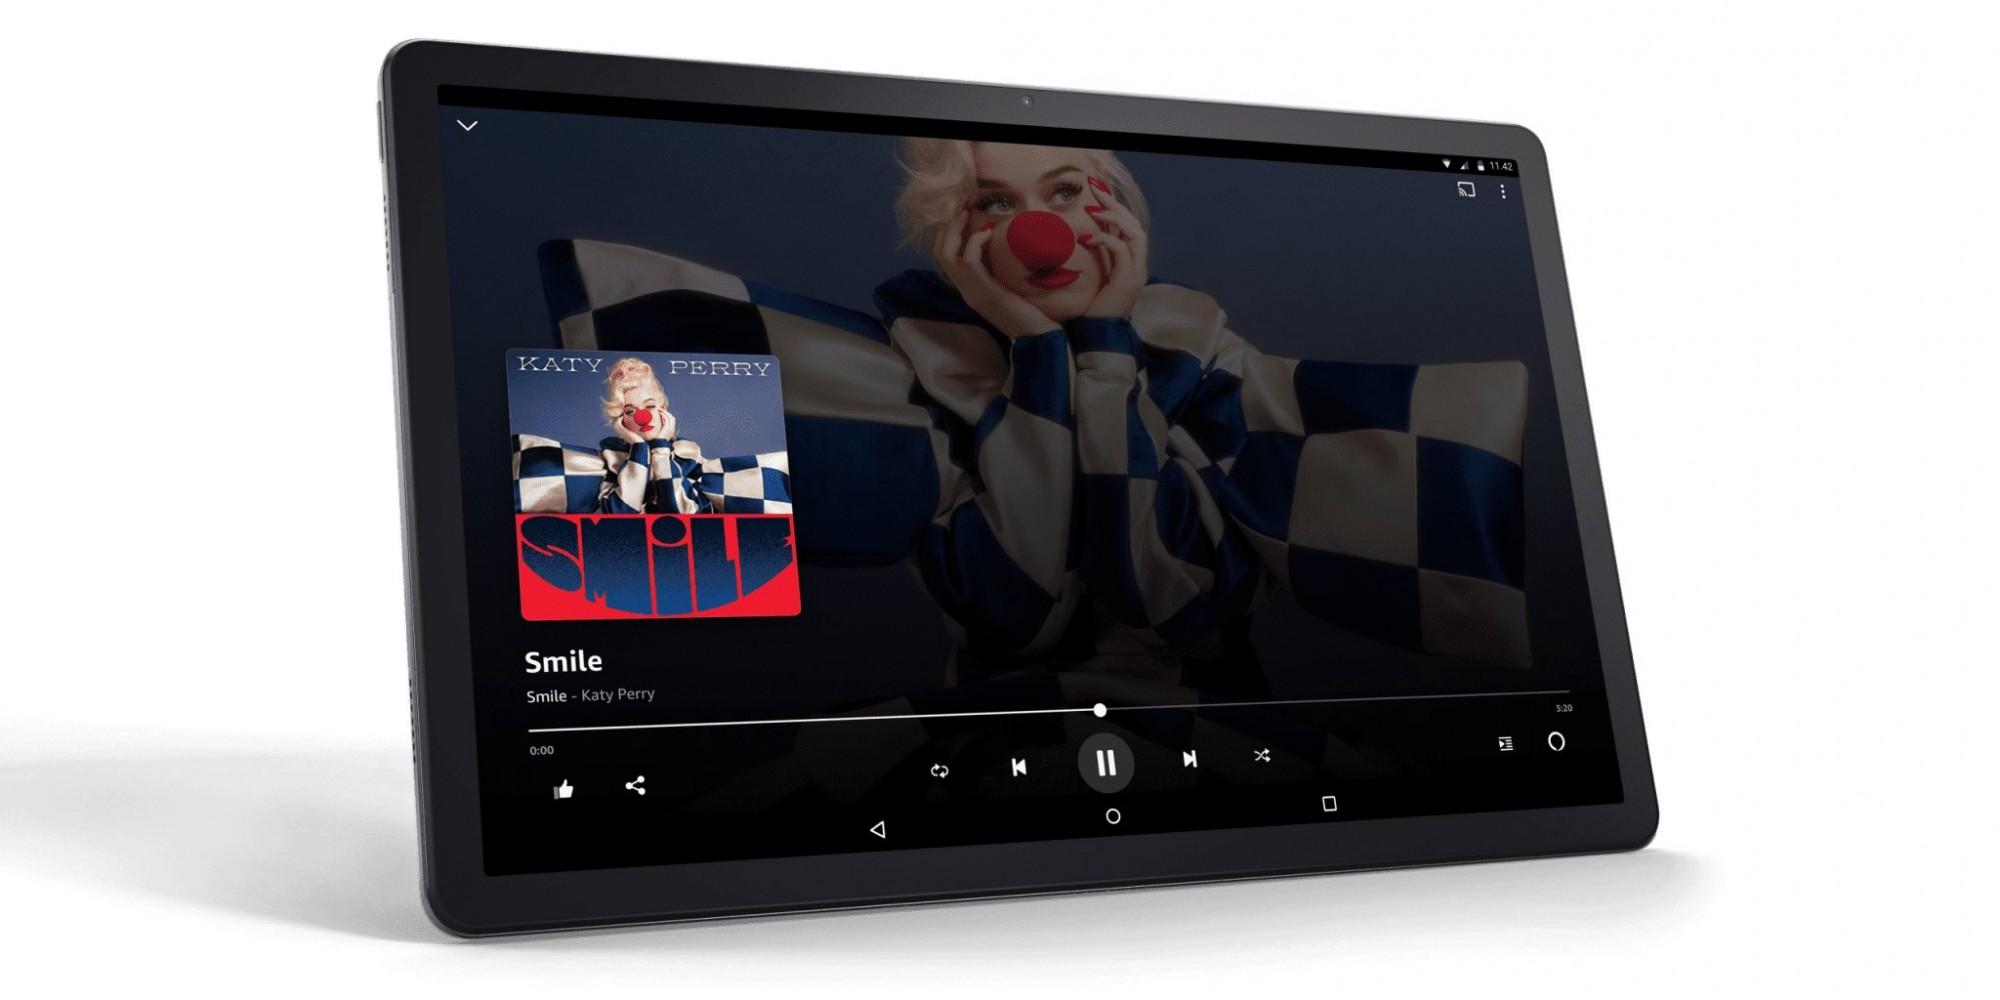 لنوو تبلت یوگا تب 13 را به همراه چند تبلت دیگر وارد بازار جهانی کرد + ویدئو